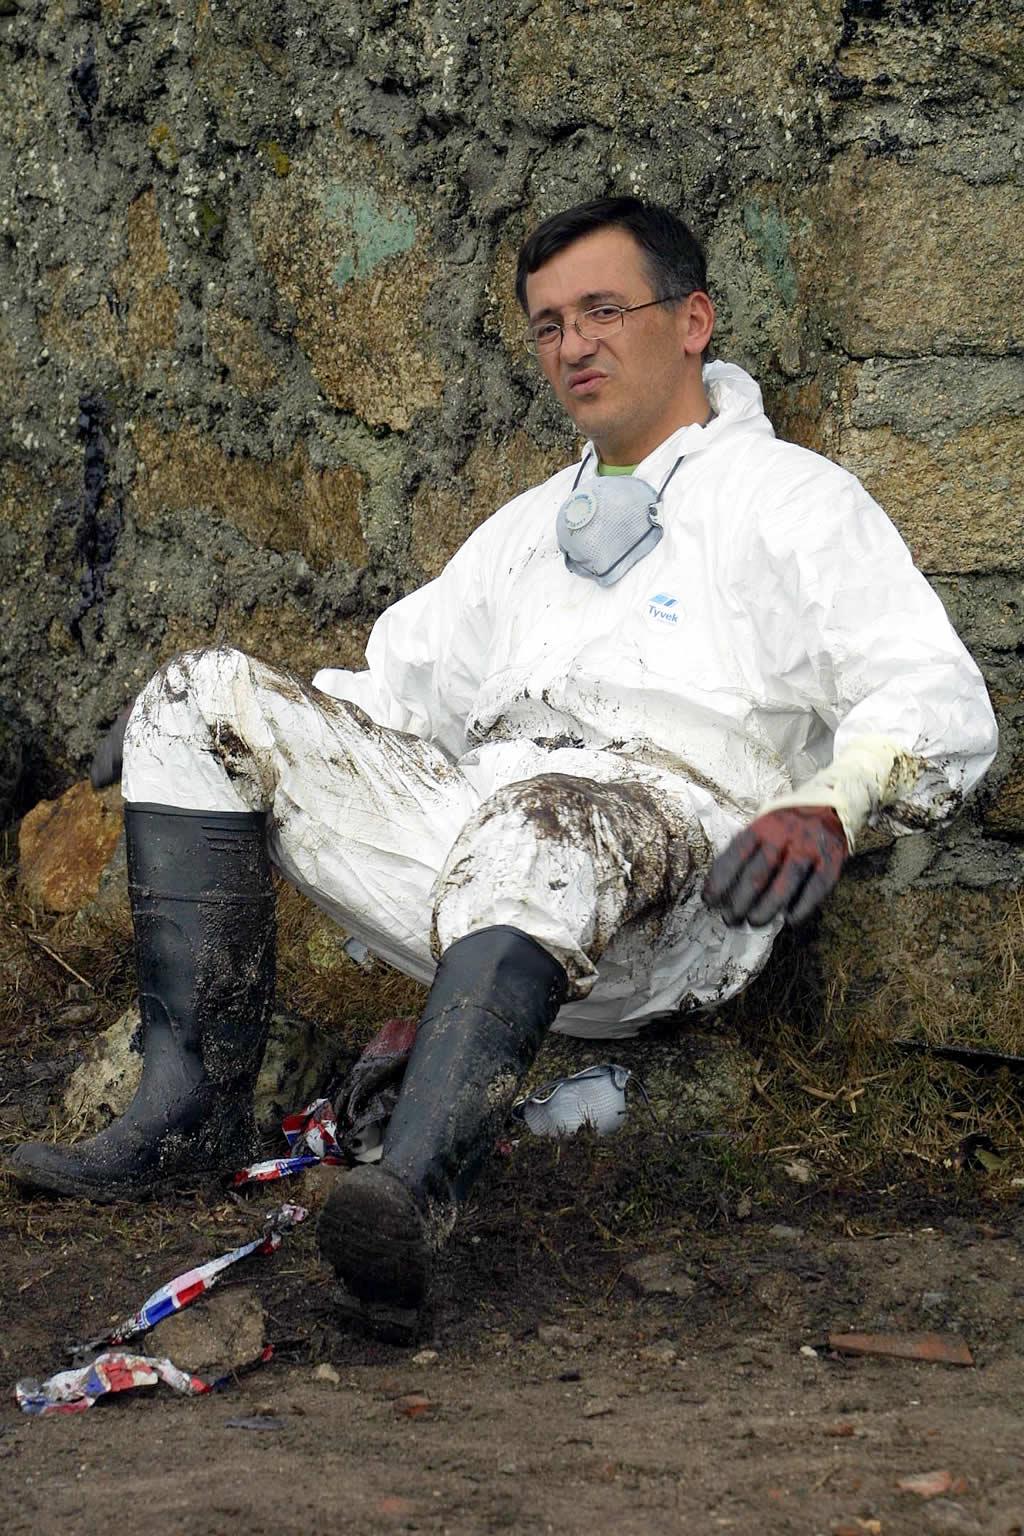 Un voluntario toma aire antes de retomar el trabajo <br>José Manuel Casal